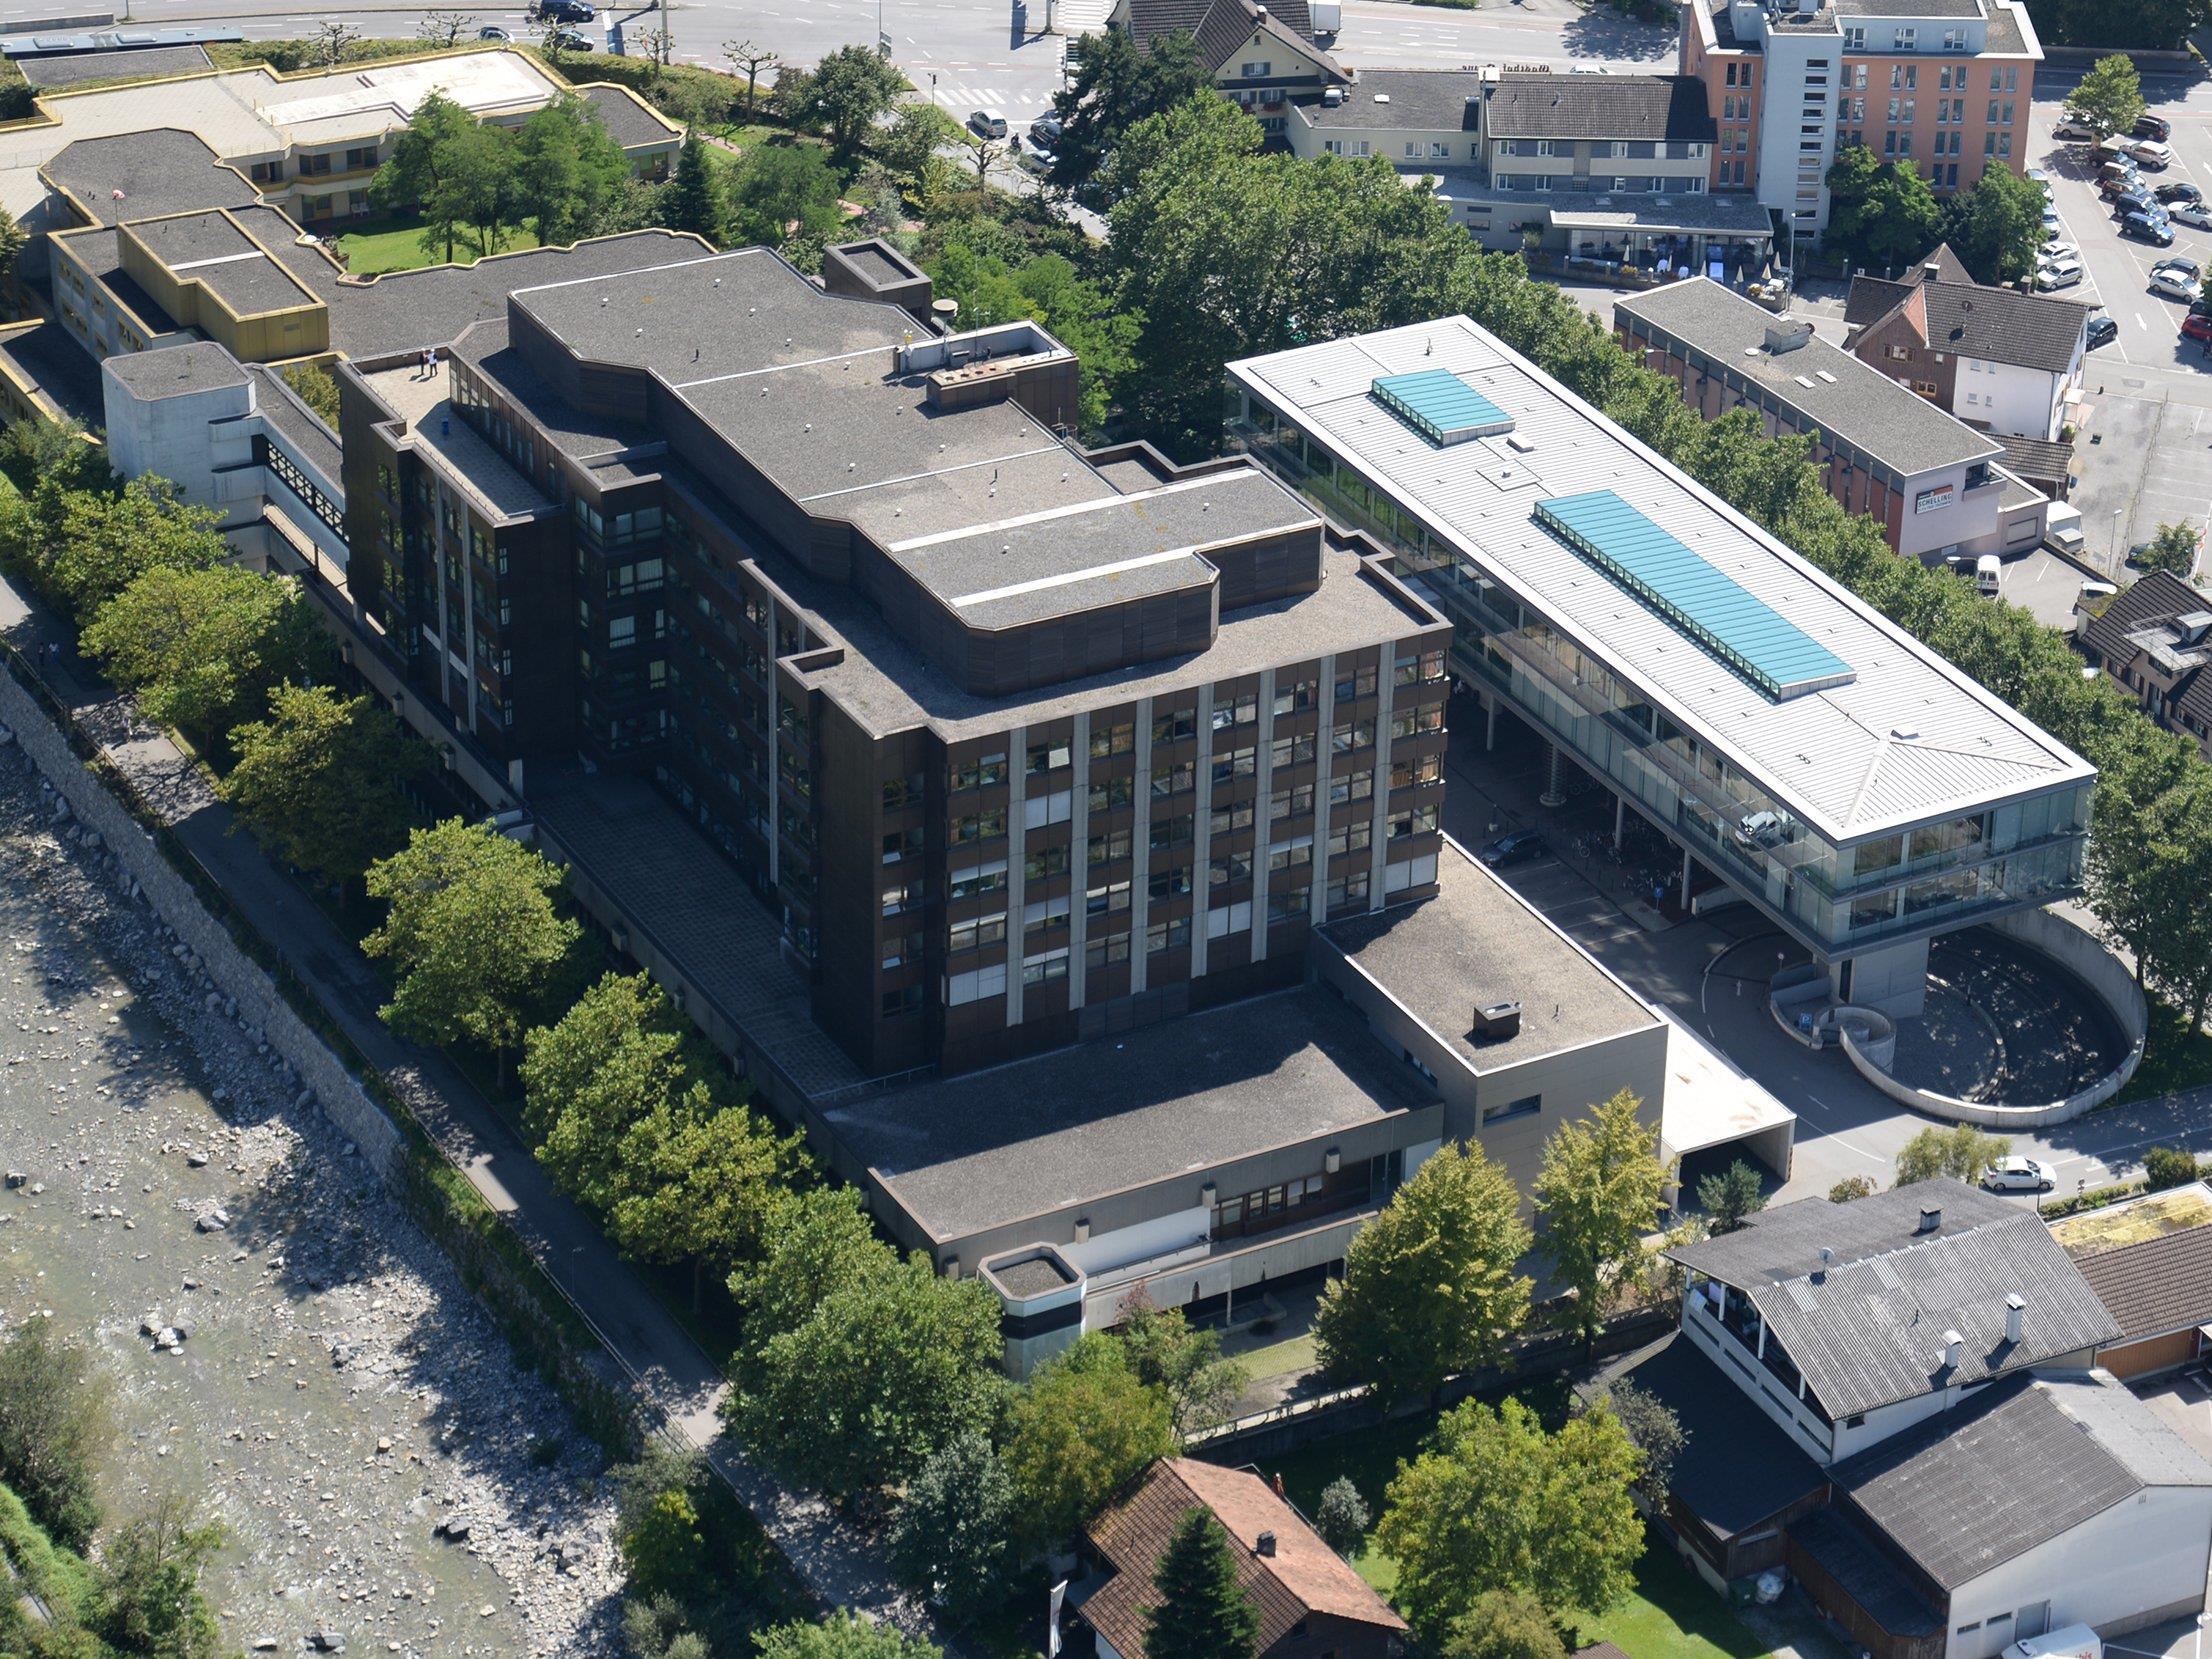 Derzeit kann das Stadtspital Dornbirn nicht von Helikoptern angeflogen werden. Der Bau einer neuen Plattform auf dem Dach des Krankenhauses verzögert sich wegen ausstehender Genehmigungen.